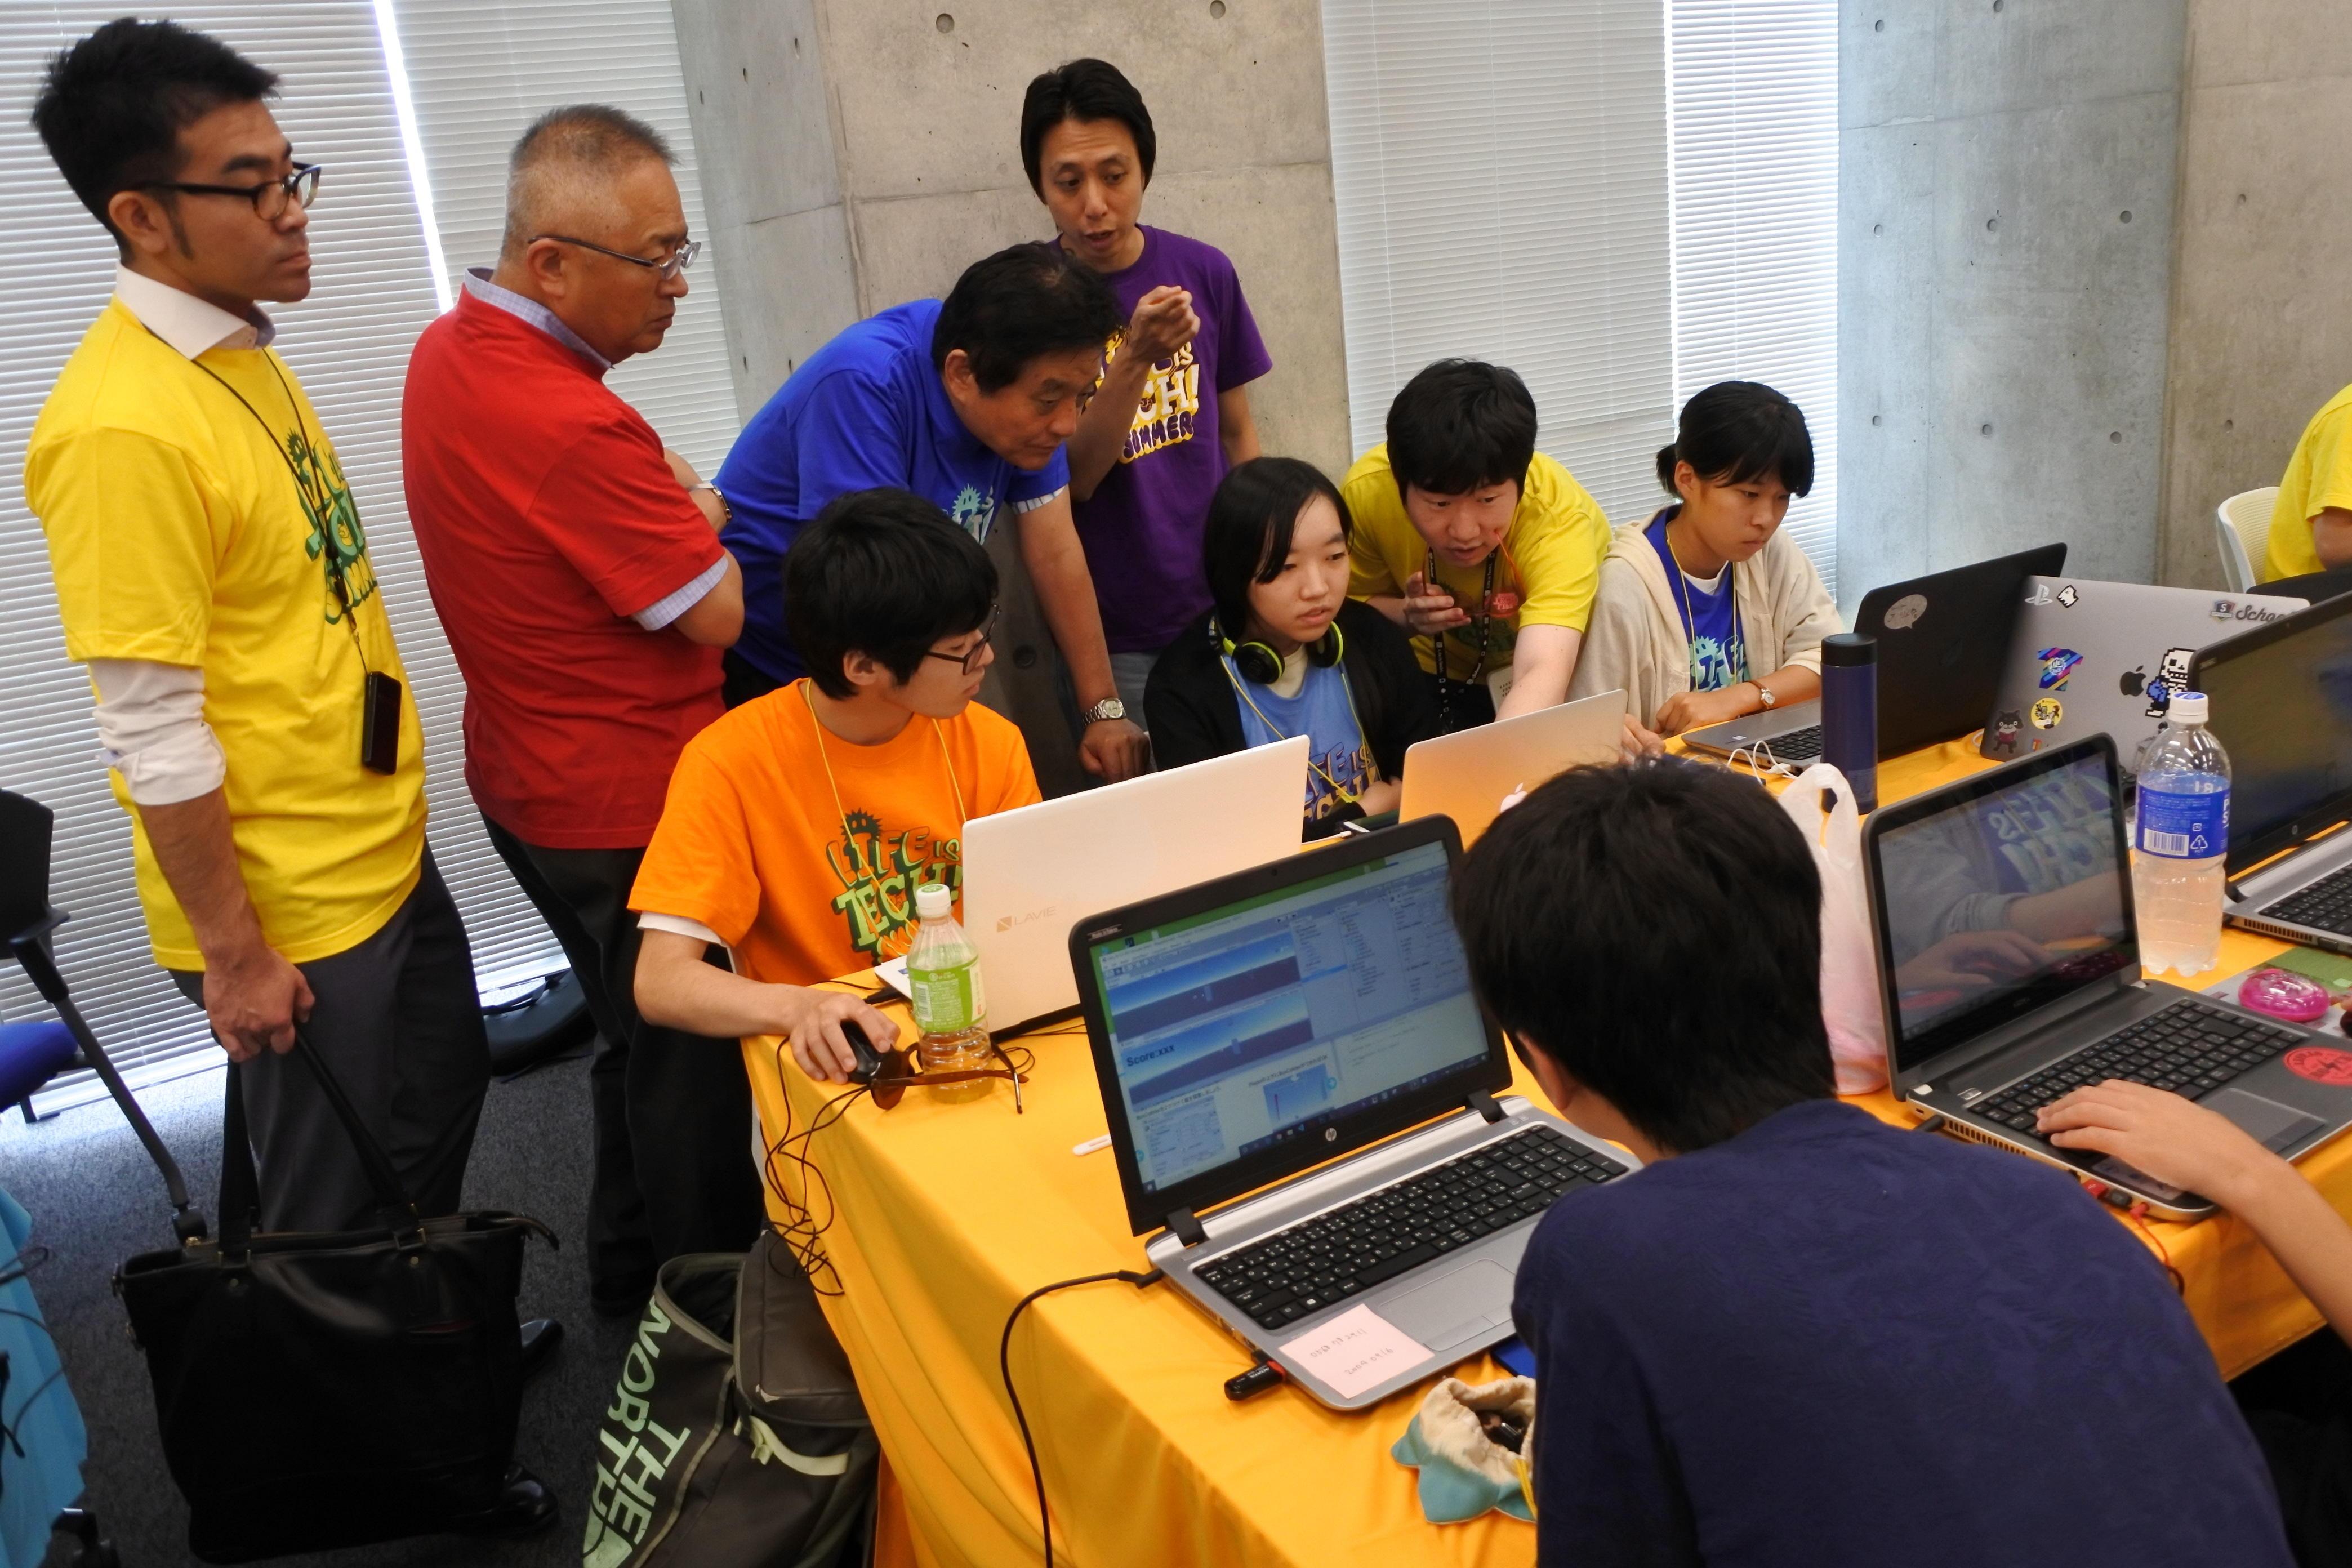 視察に訪れた名古屋市の河村たかし市長(青いTシャツ)と鈴木誠二教育長(赤いTシャツ)